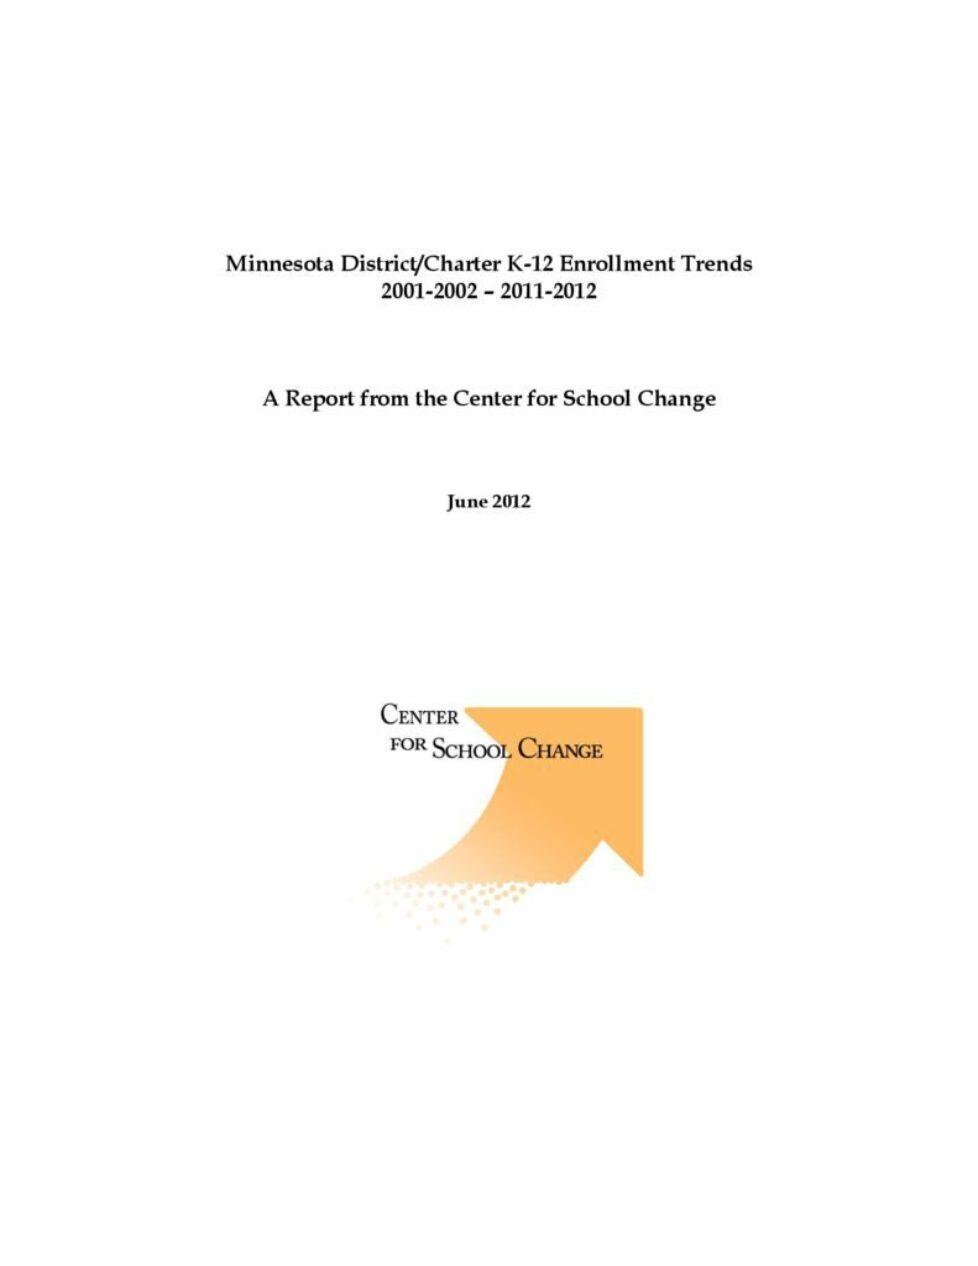 thumbnail of FINAL Charter-K-12-Enrollment-Trends-2012